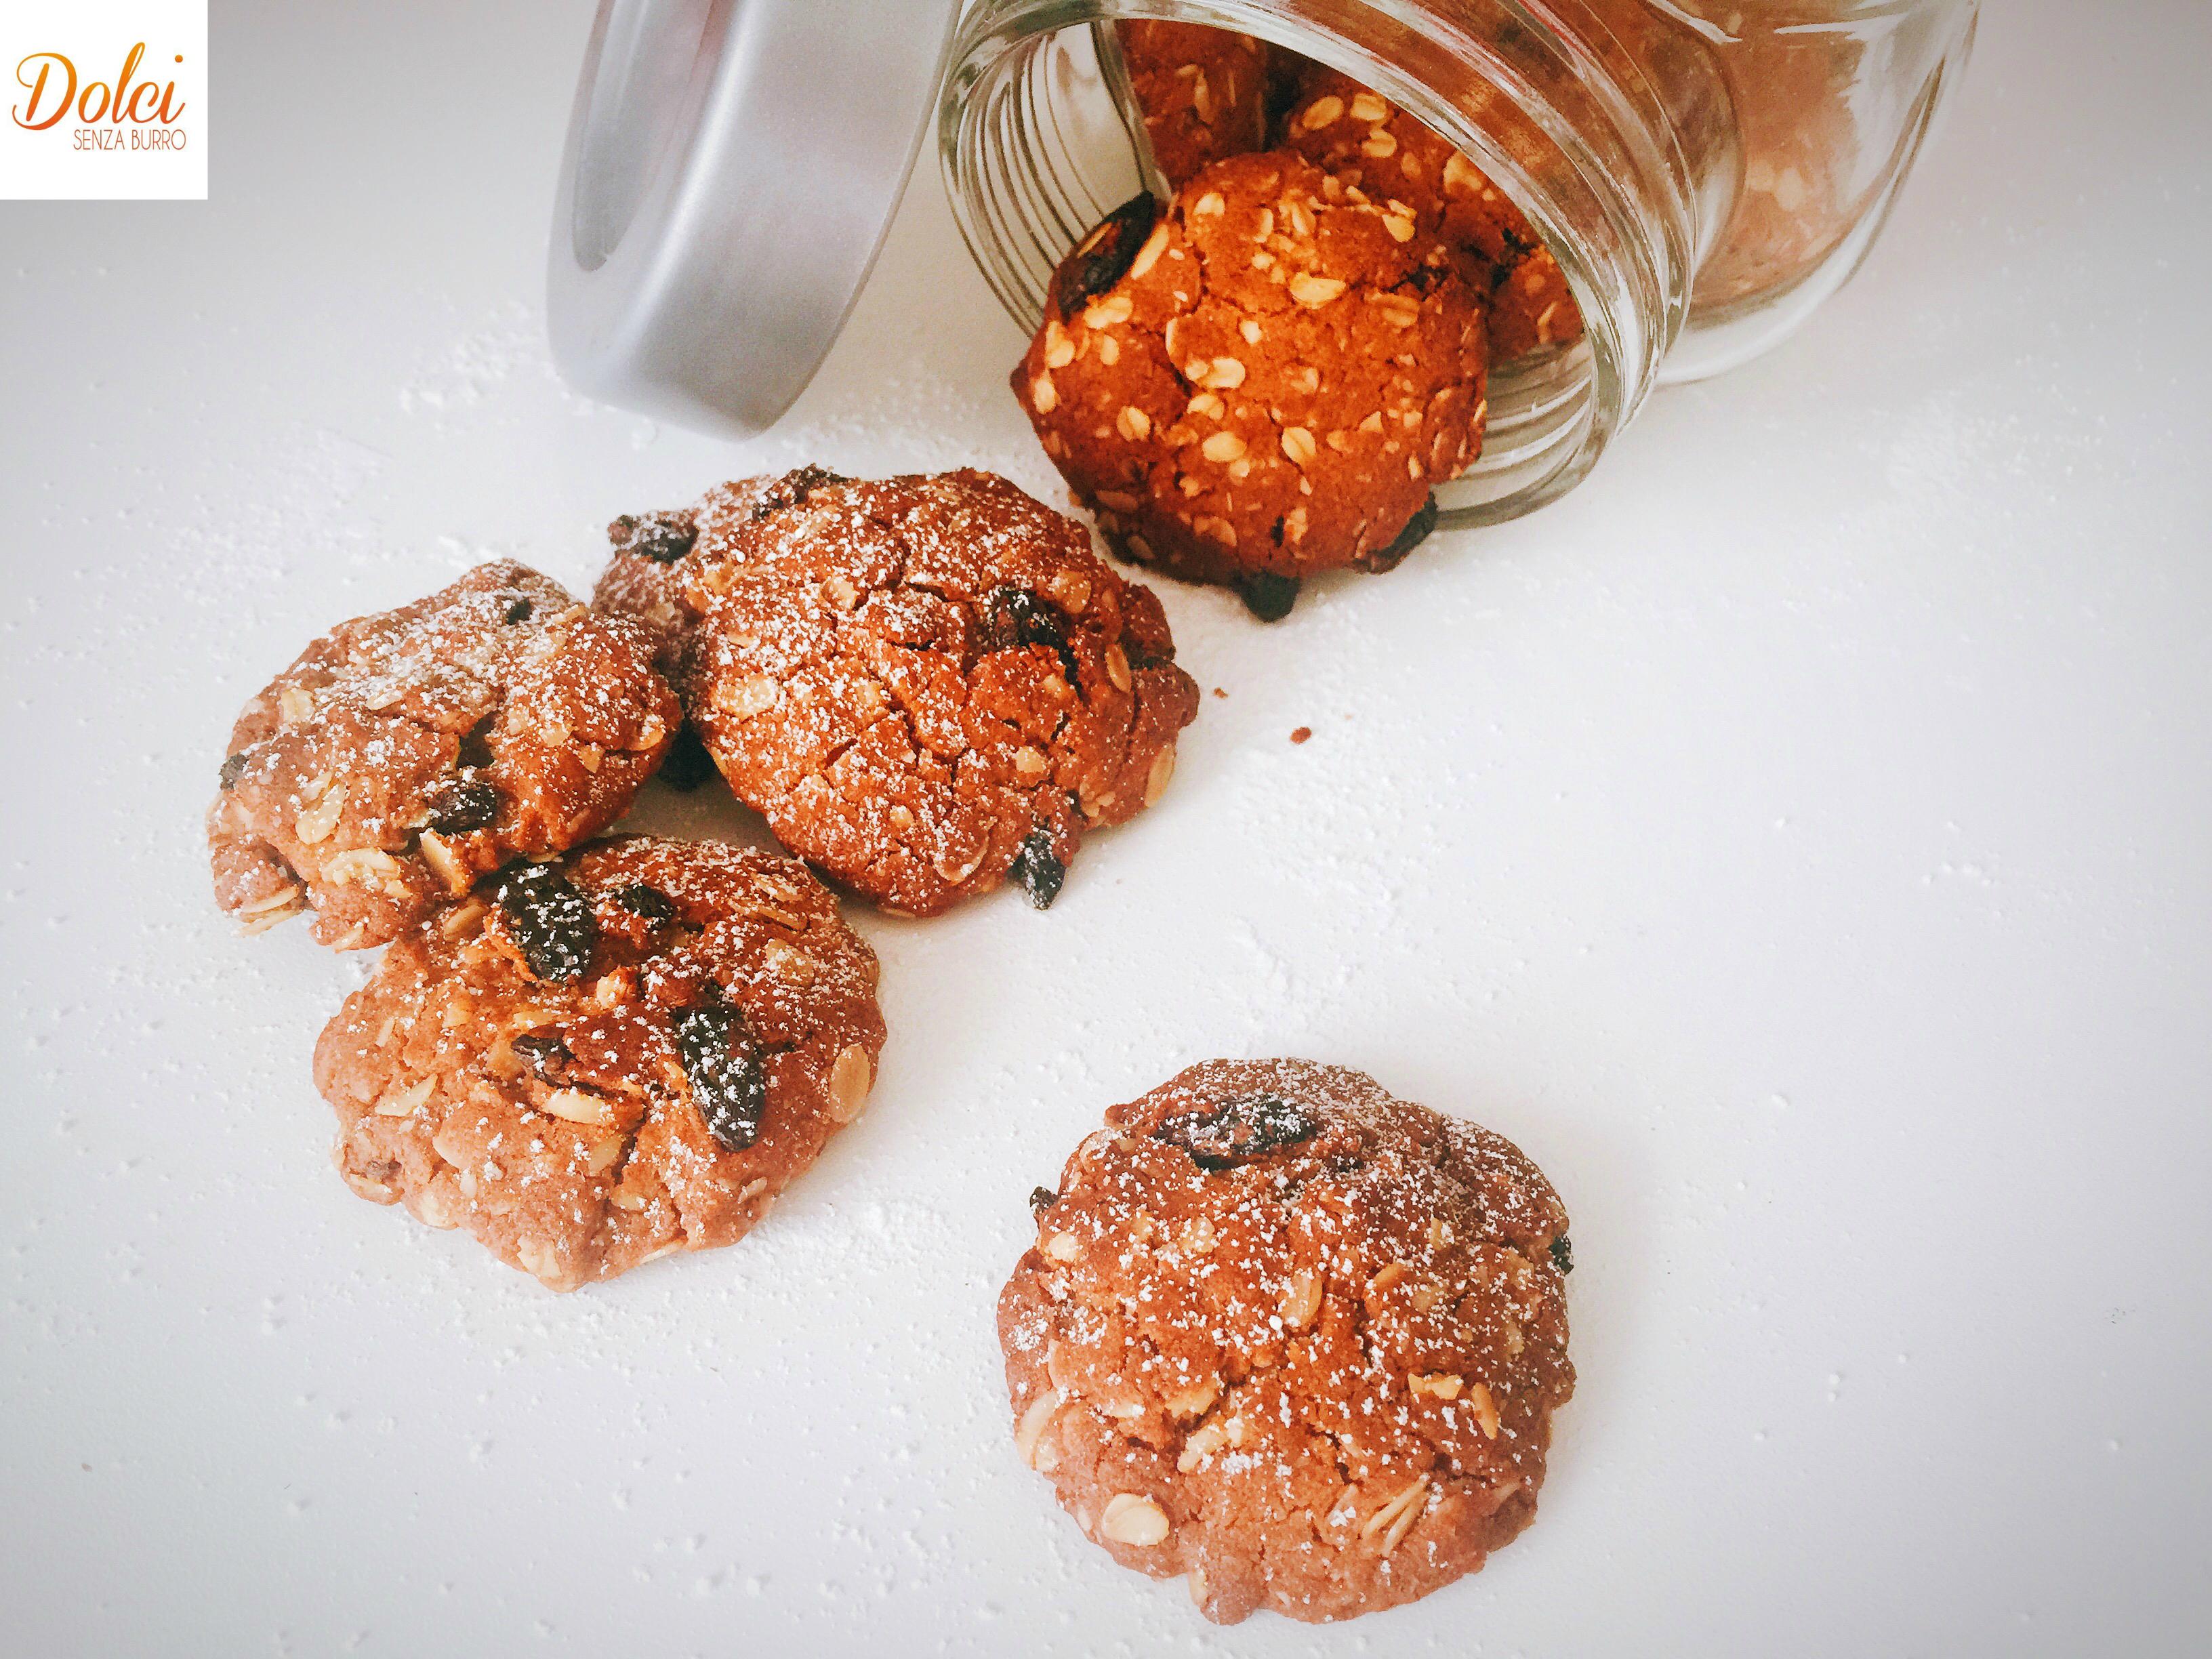 Biscotti all'Avena Senza Burro e Uova. leggeri sani e genuini di dolci senza burro